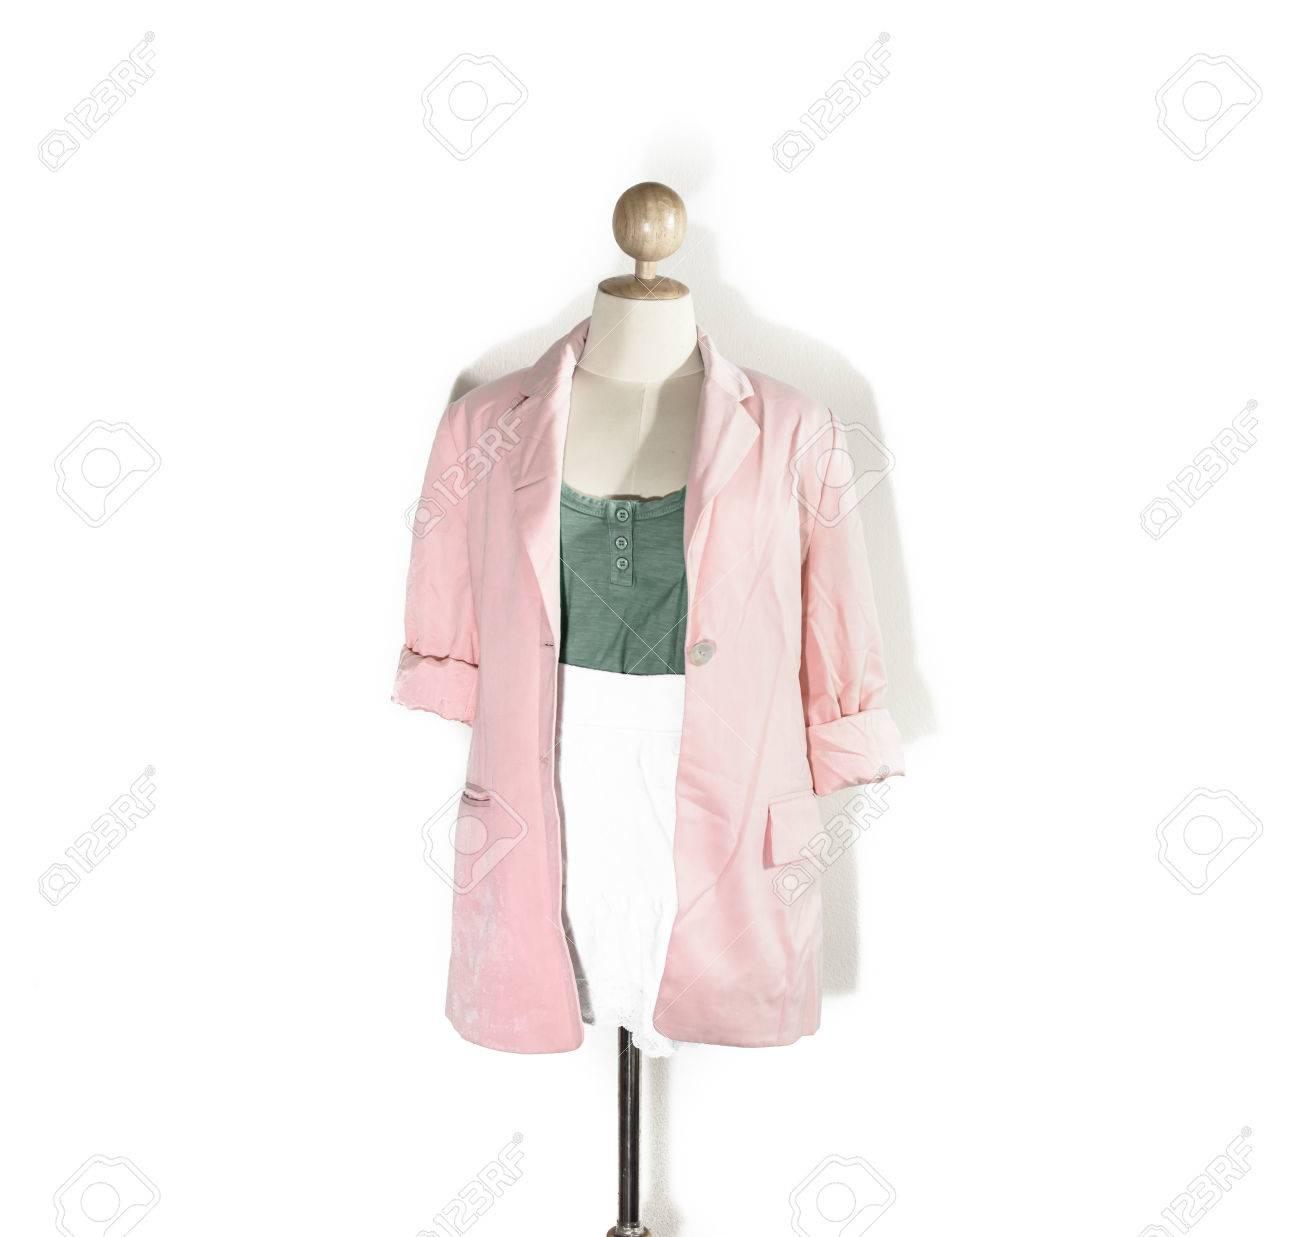 Close up normale oude dame groen vest en witte korte jurk met roze shirt geïsoleerd op een witte achtergrond